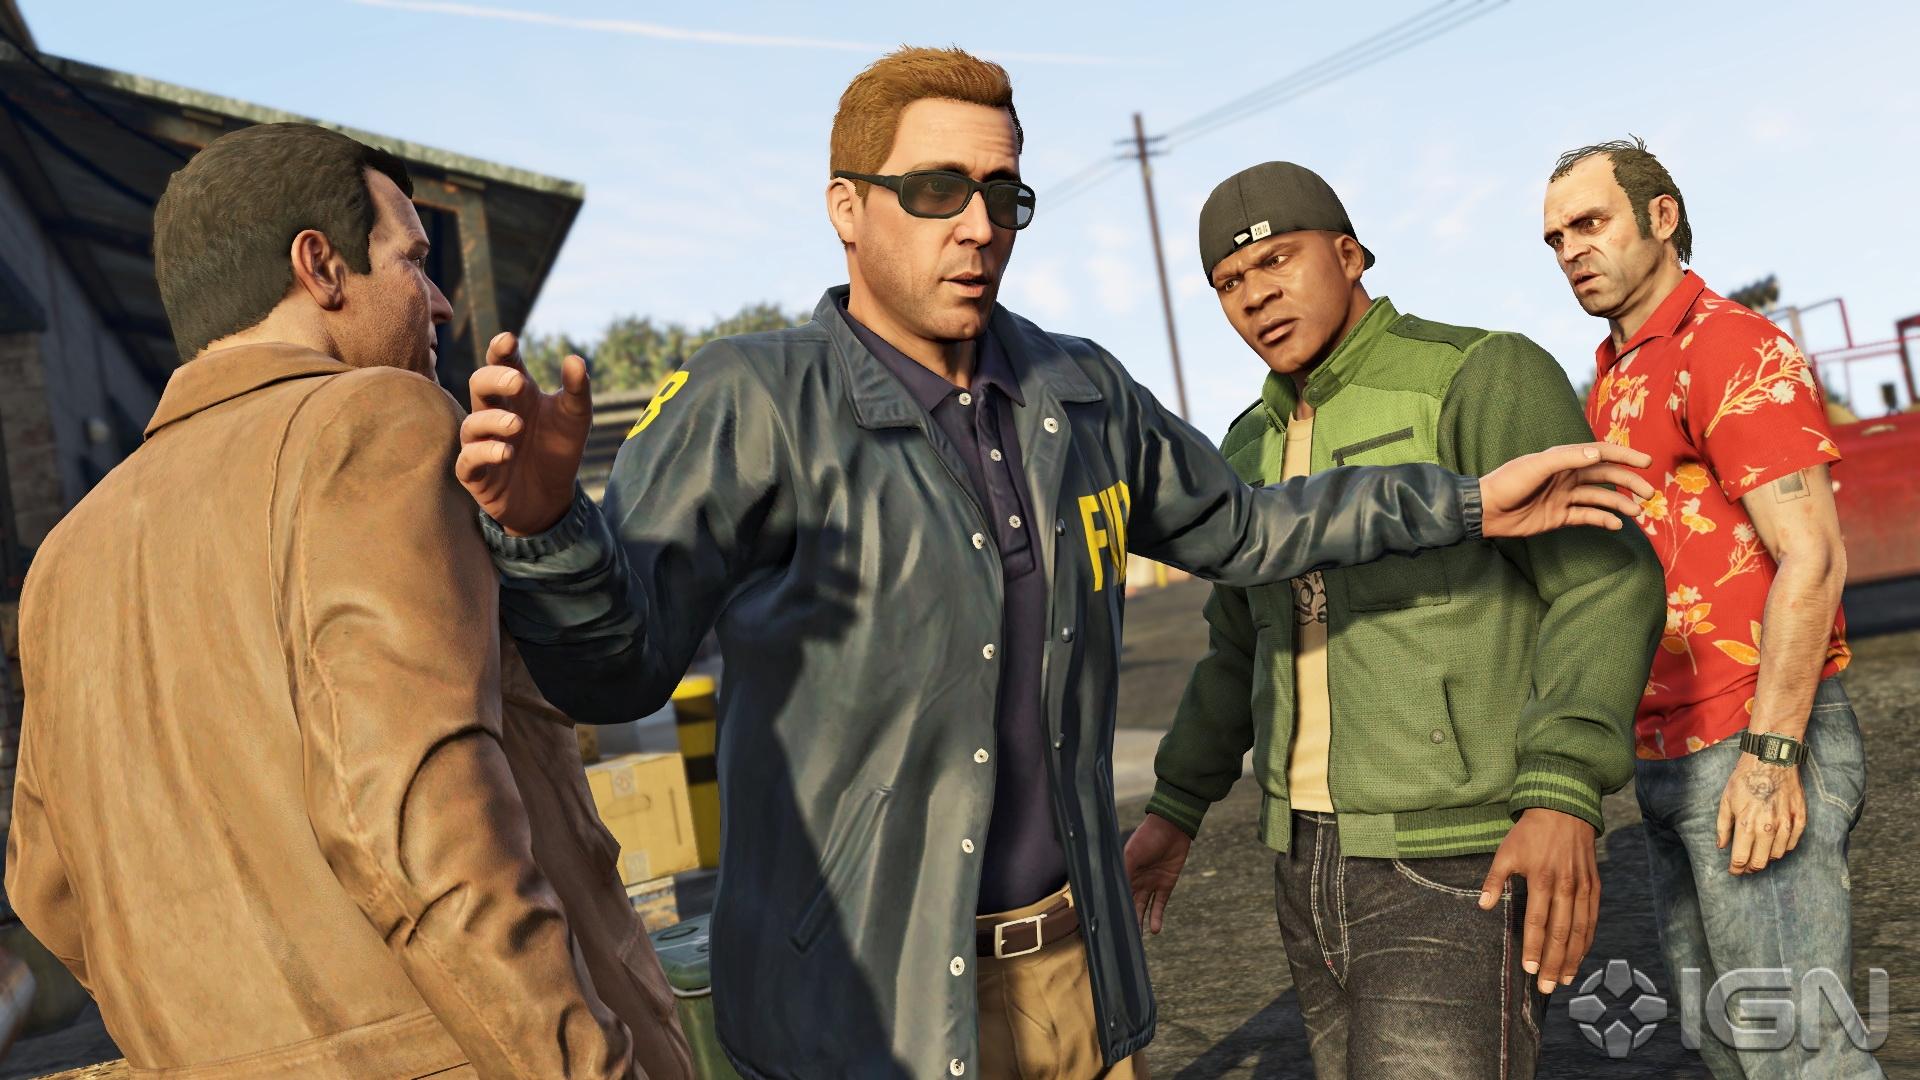 Dalších 25 nových obrázků z Grand Theft Auto V 102024